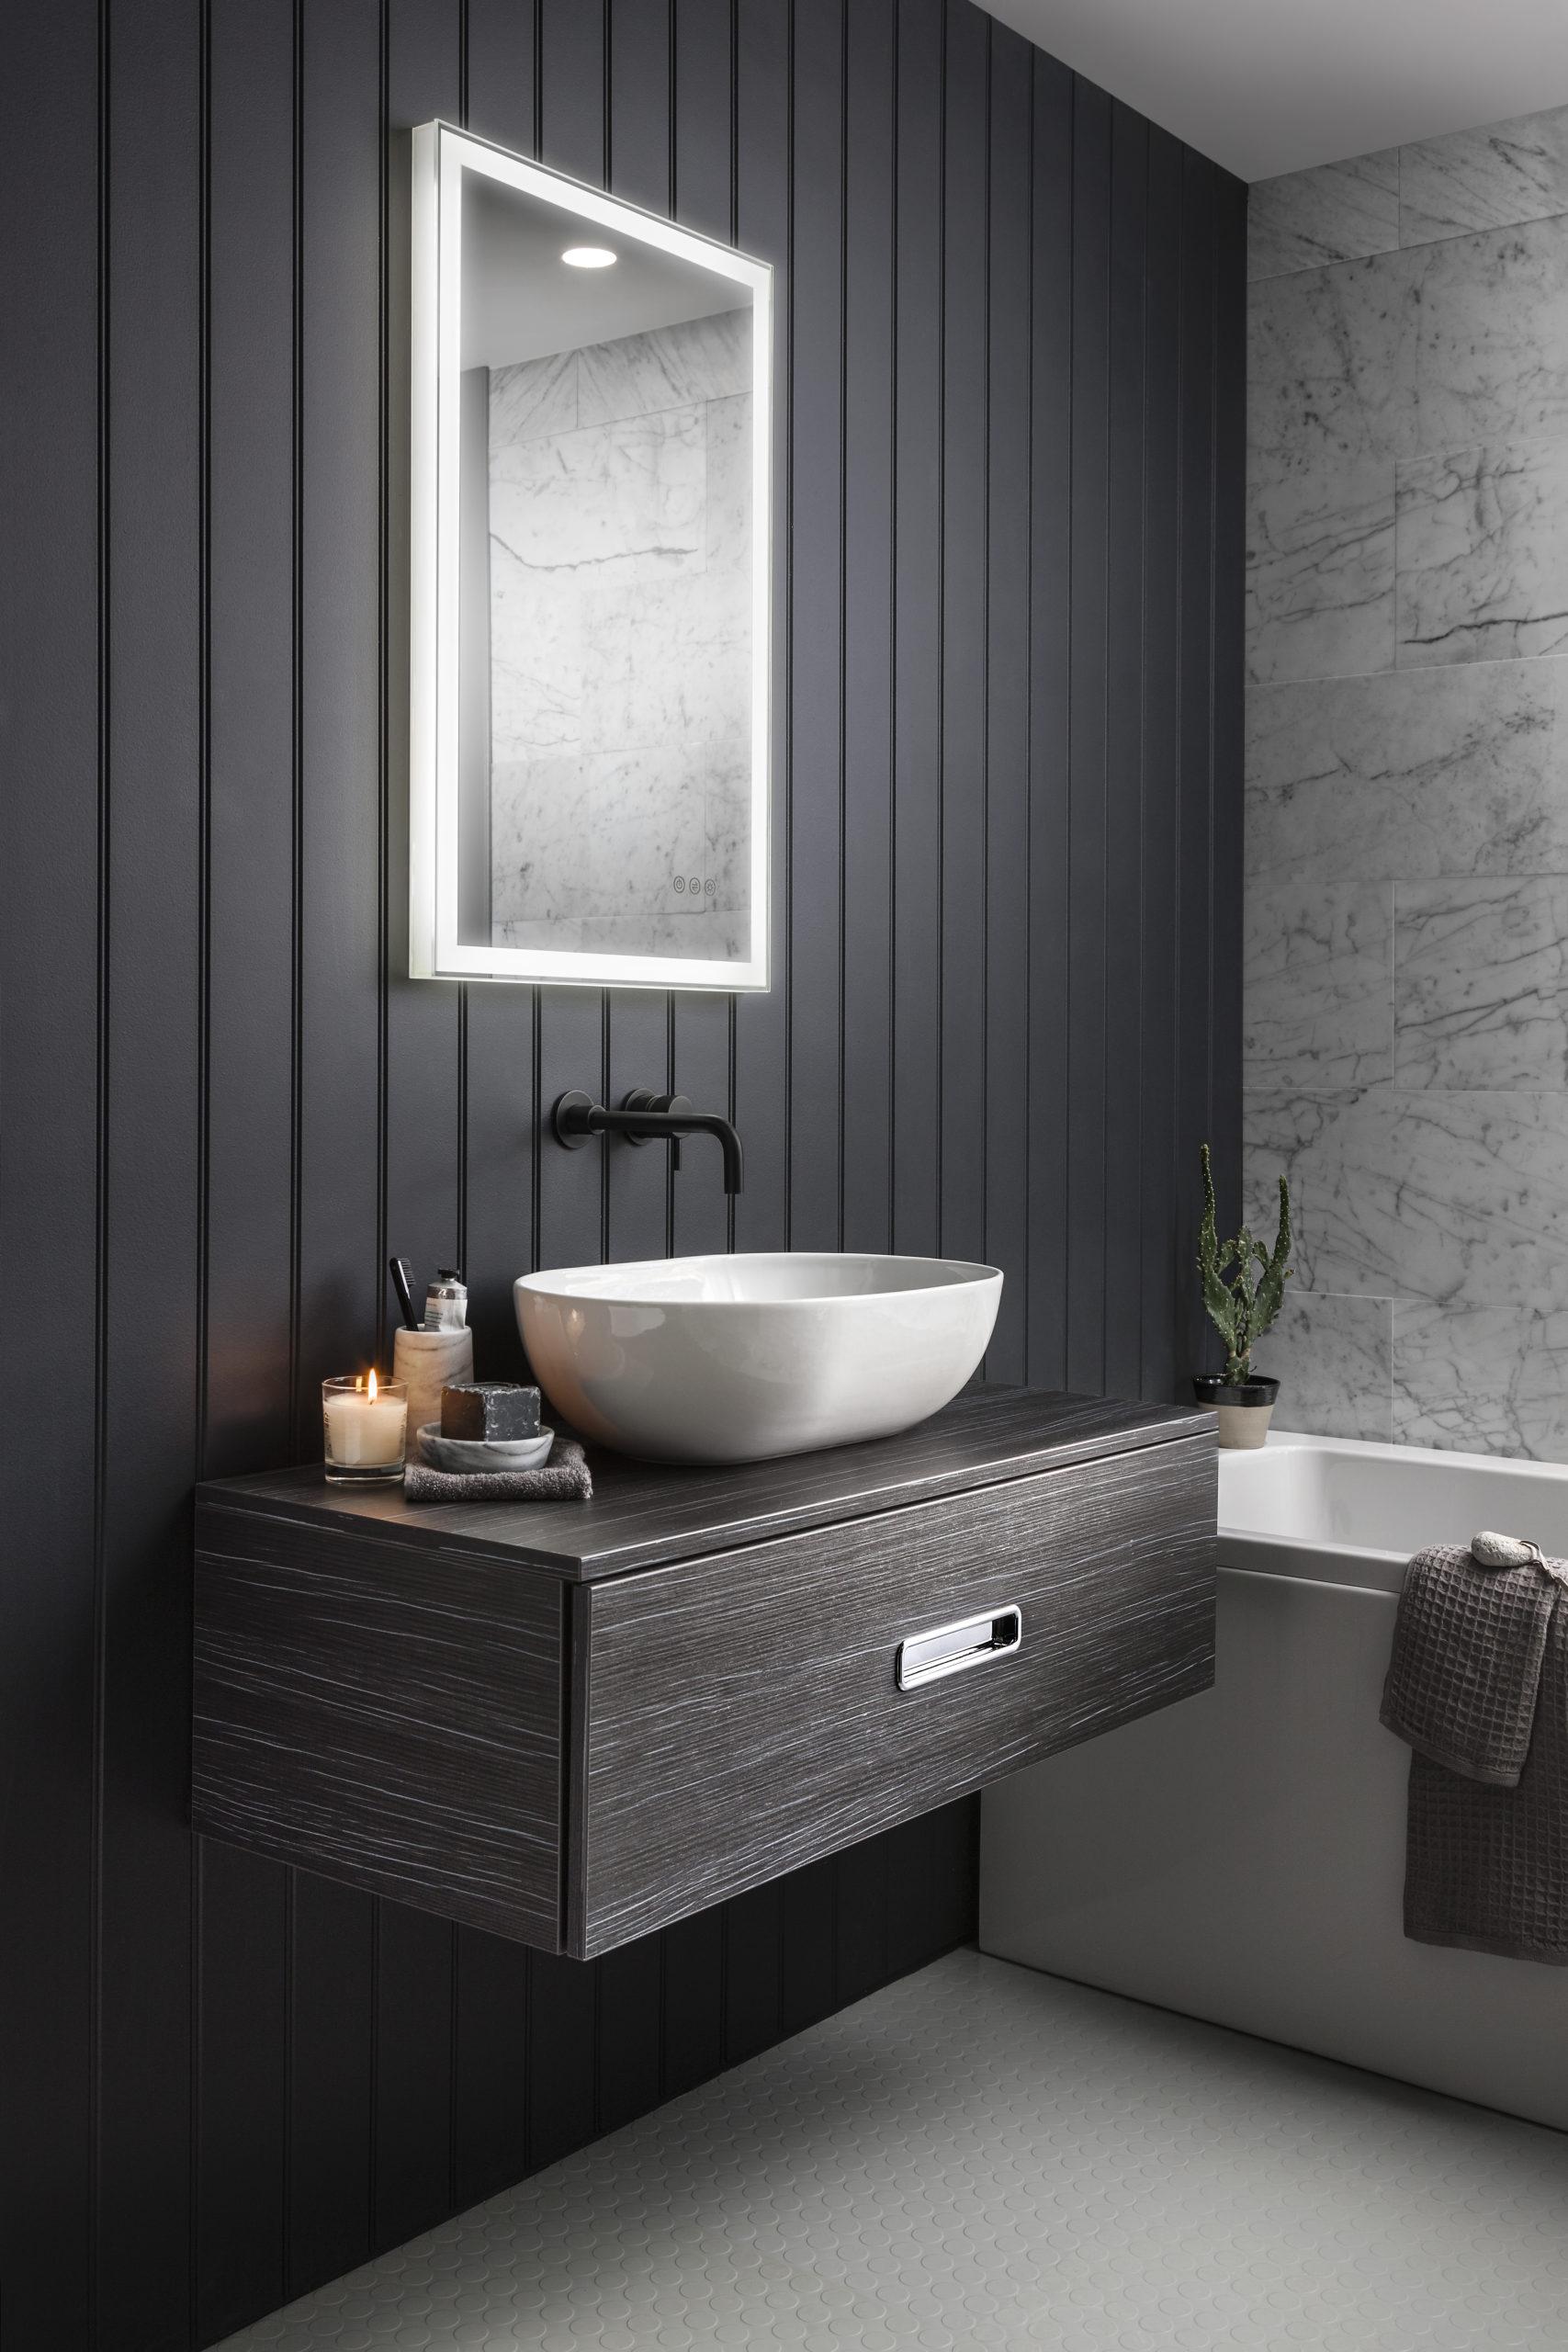 Matt Black Bathroom